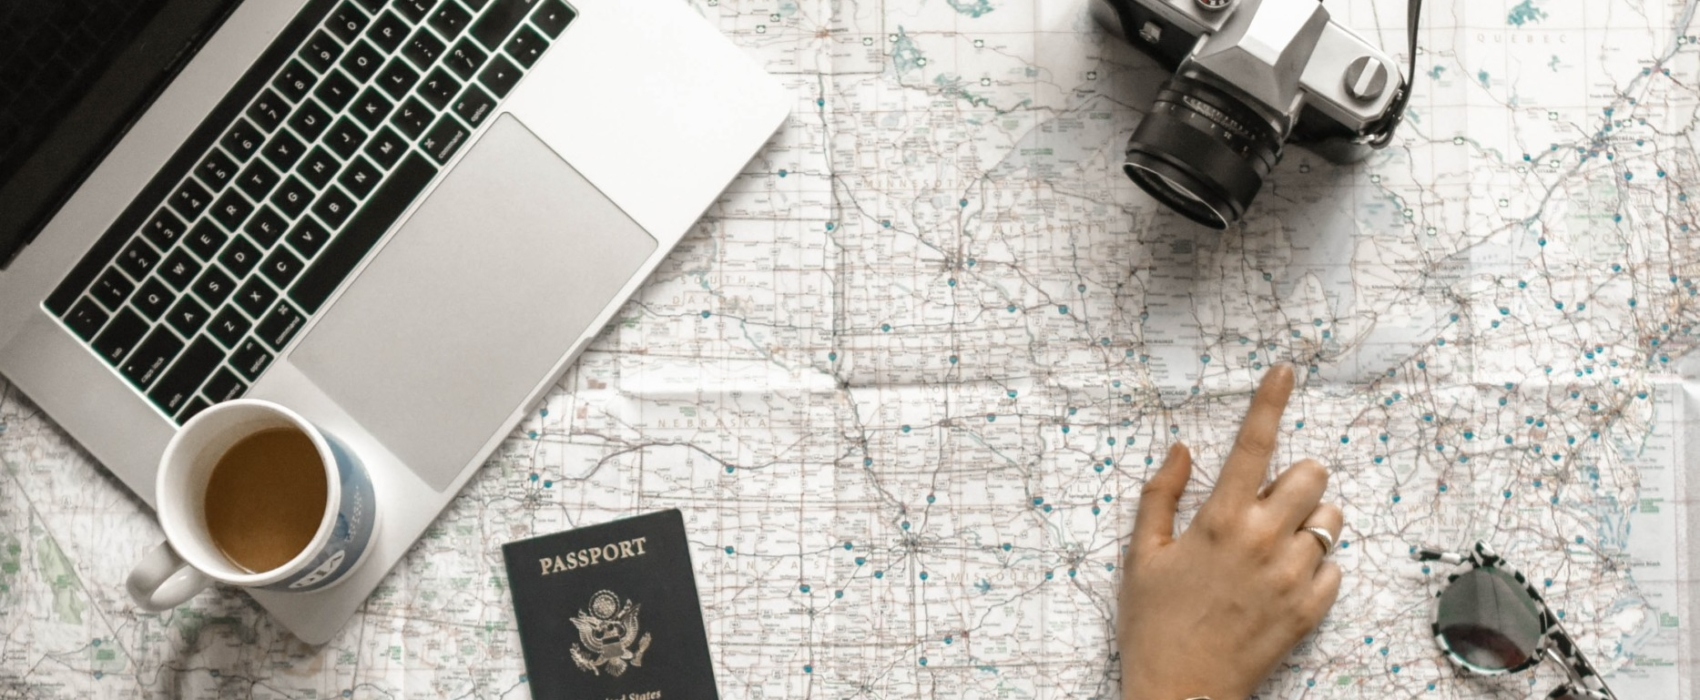 Gdzie wykupić ubezpieczenie turystyczne?